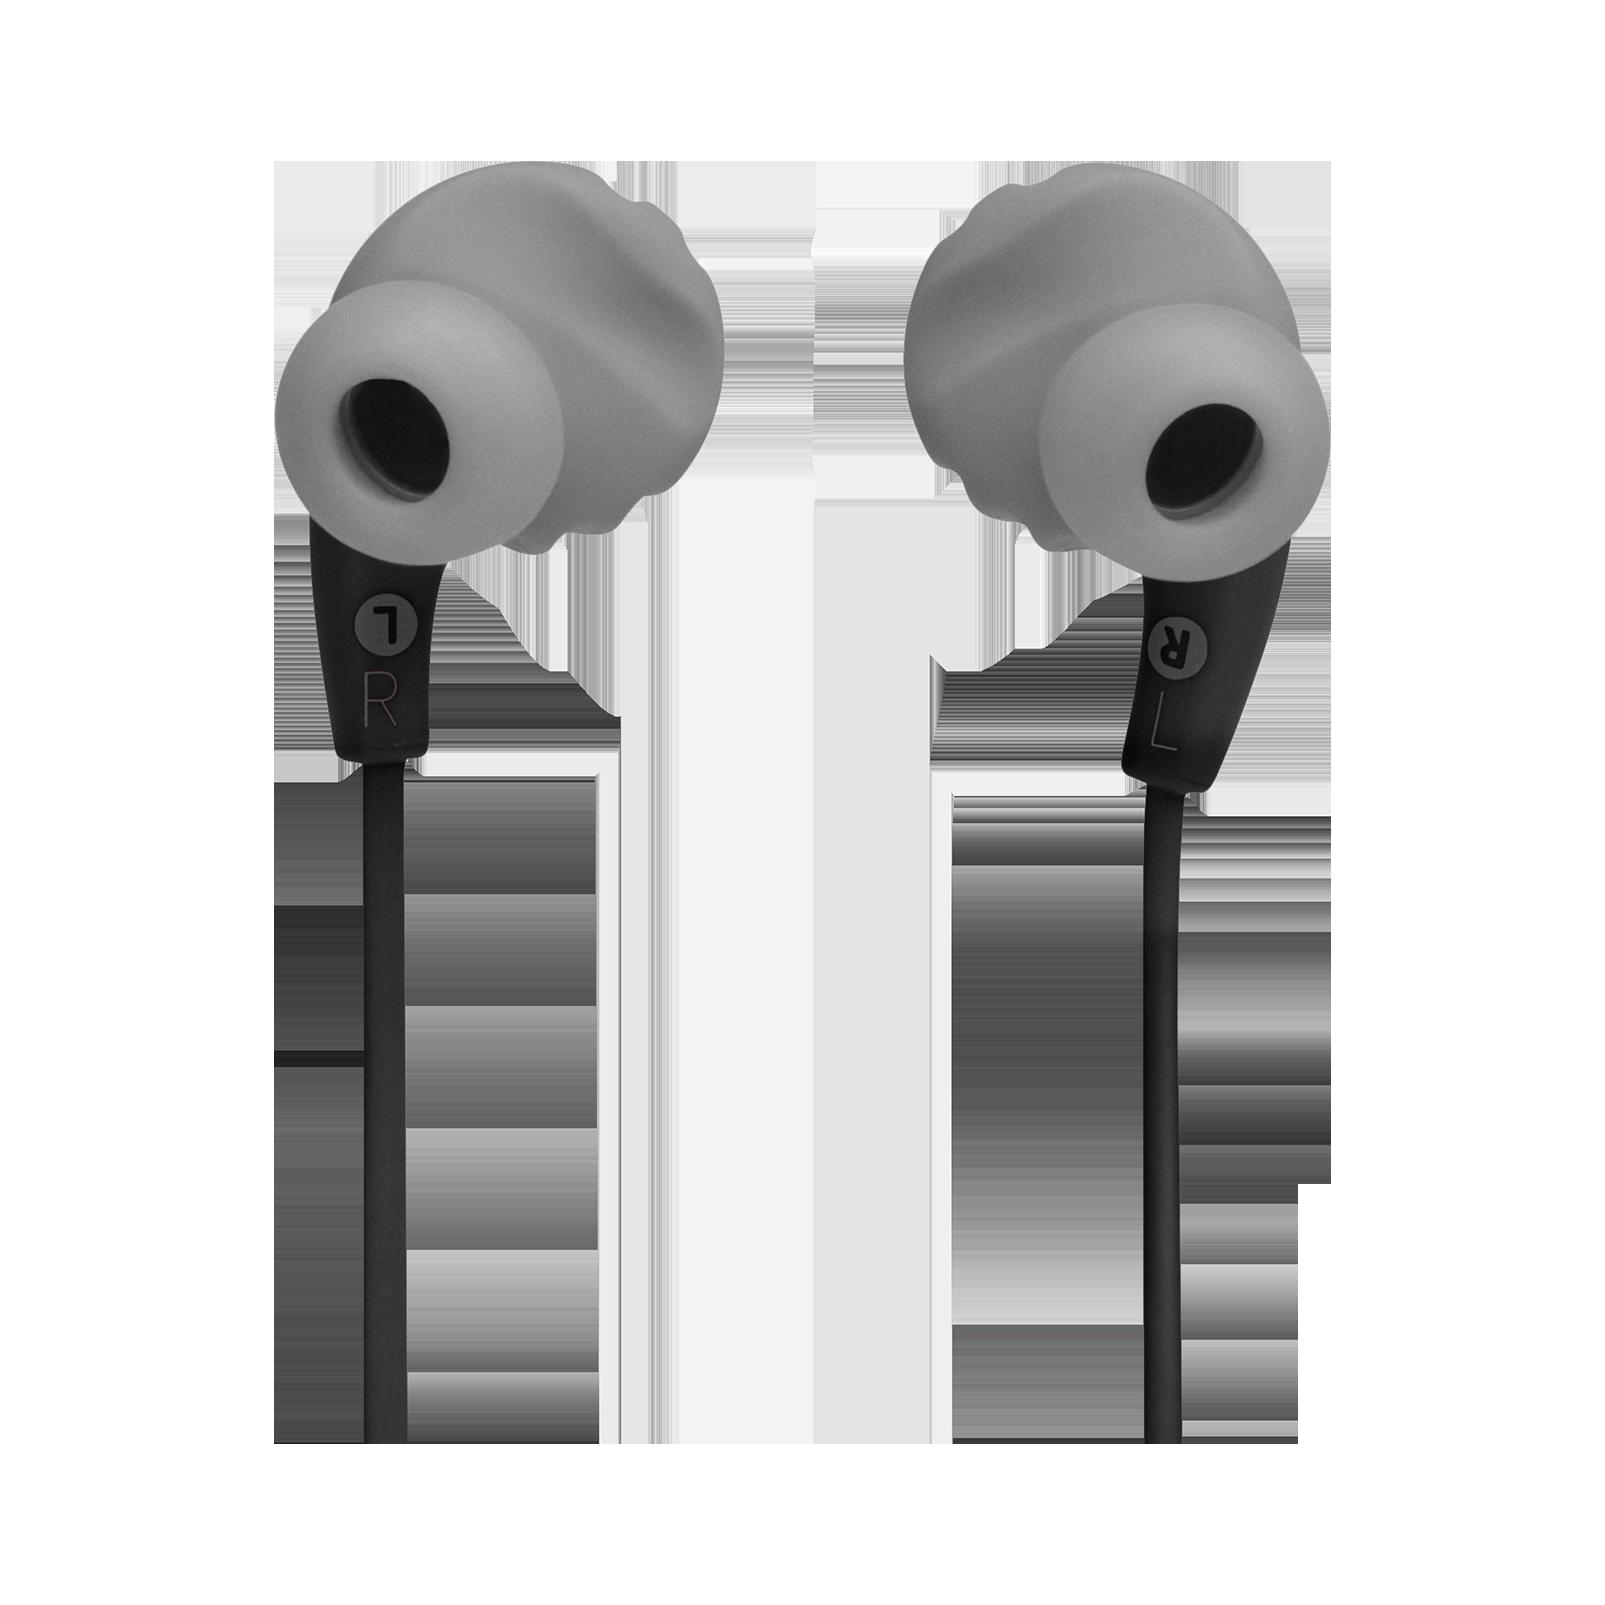 JBL Endurance RUNBT - Black - Sweatproof Wireless In-Ear Sport Headphones - Back